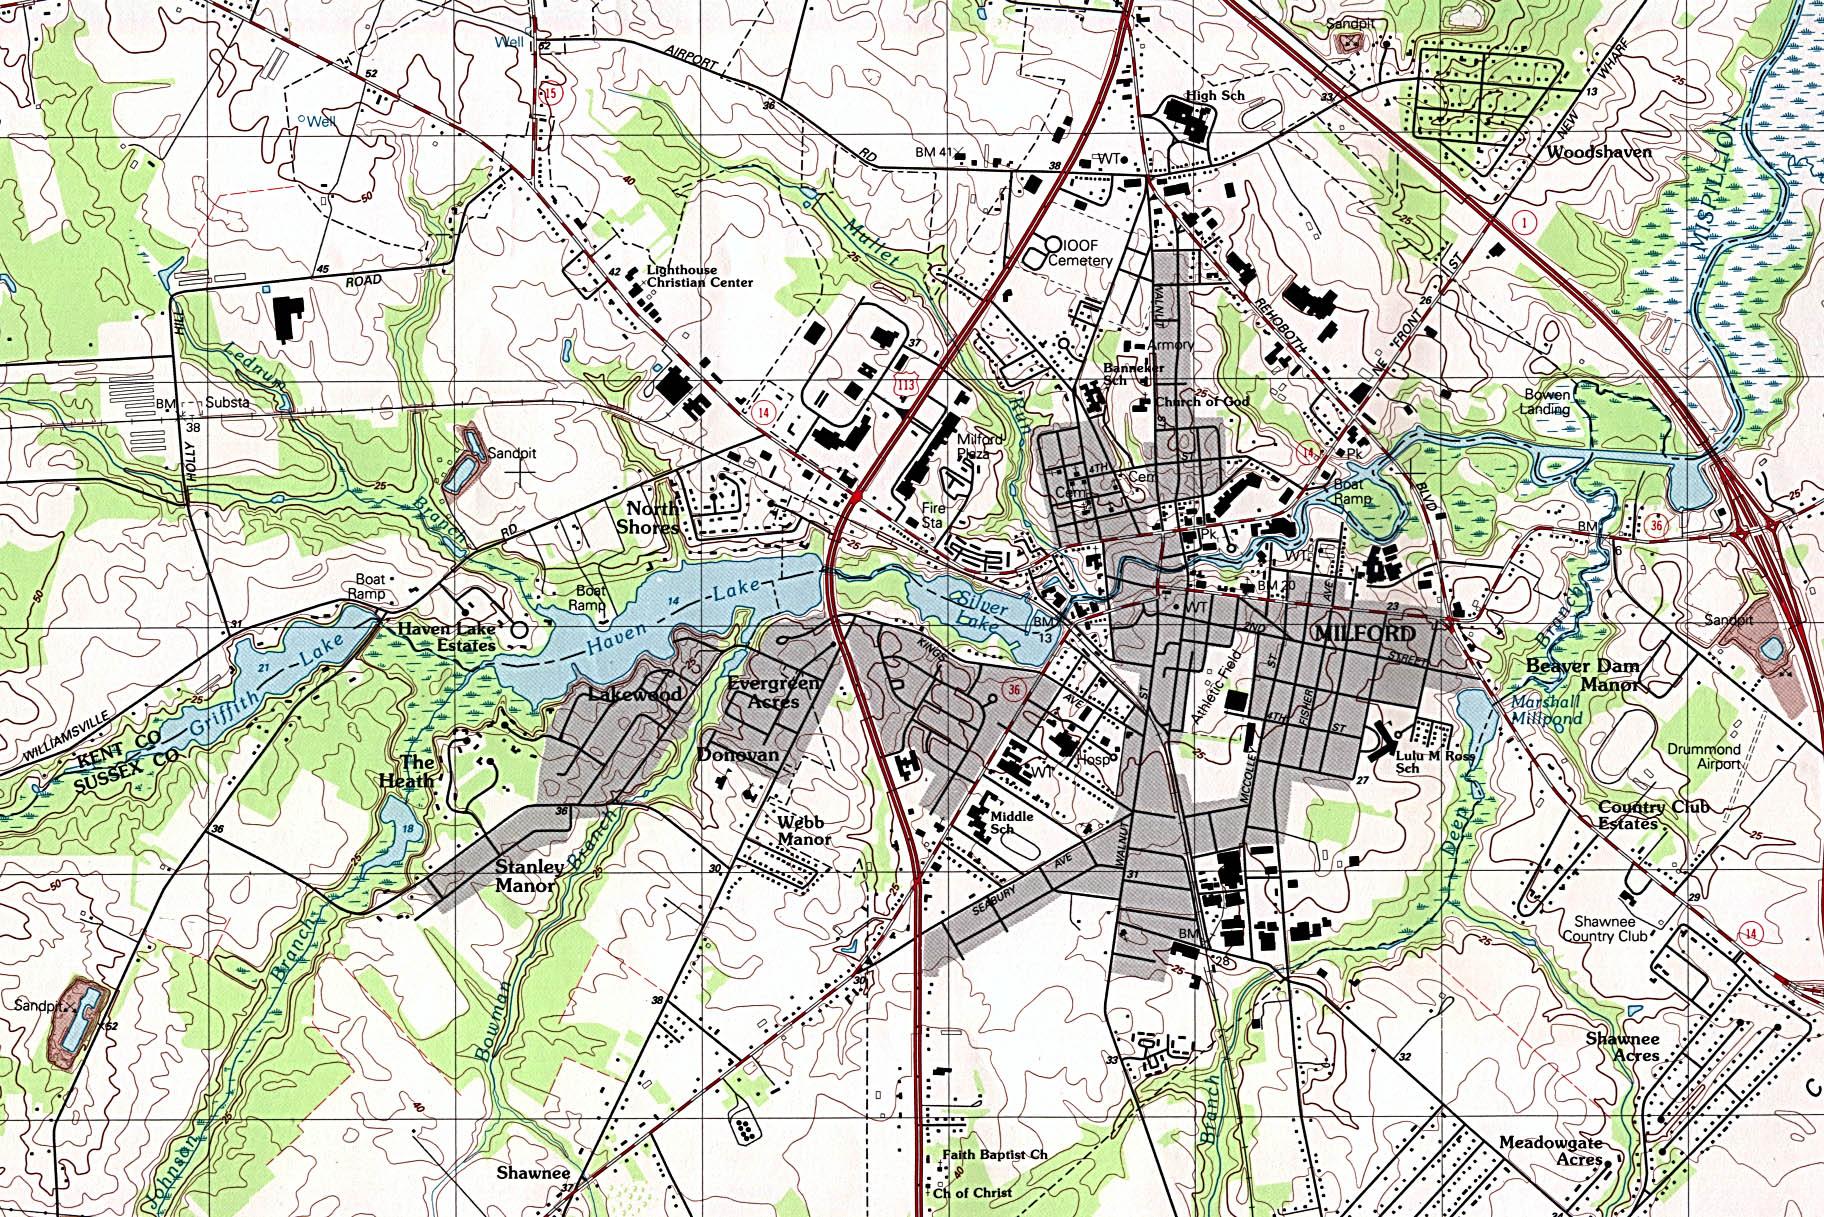 Mapa Topográfico de la Ciudad de Milford, Delaware, Estados Unidos